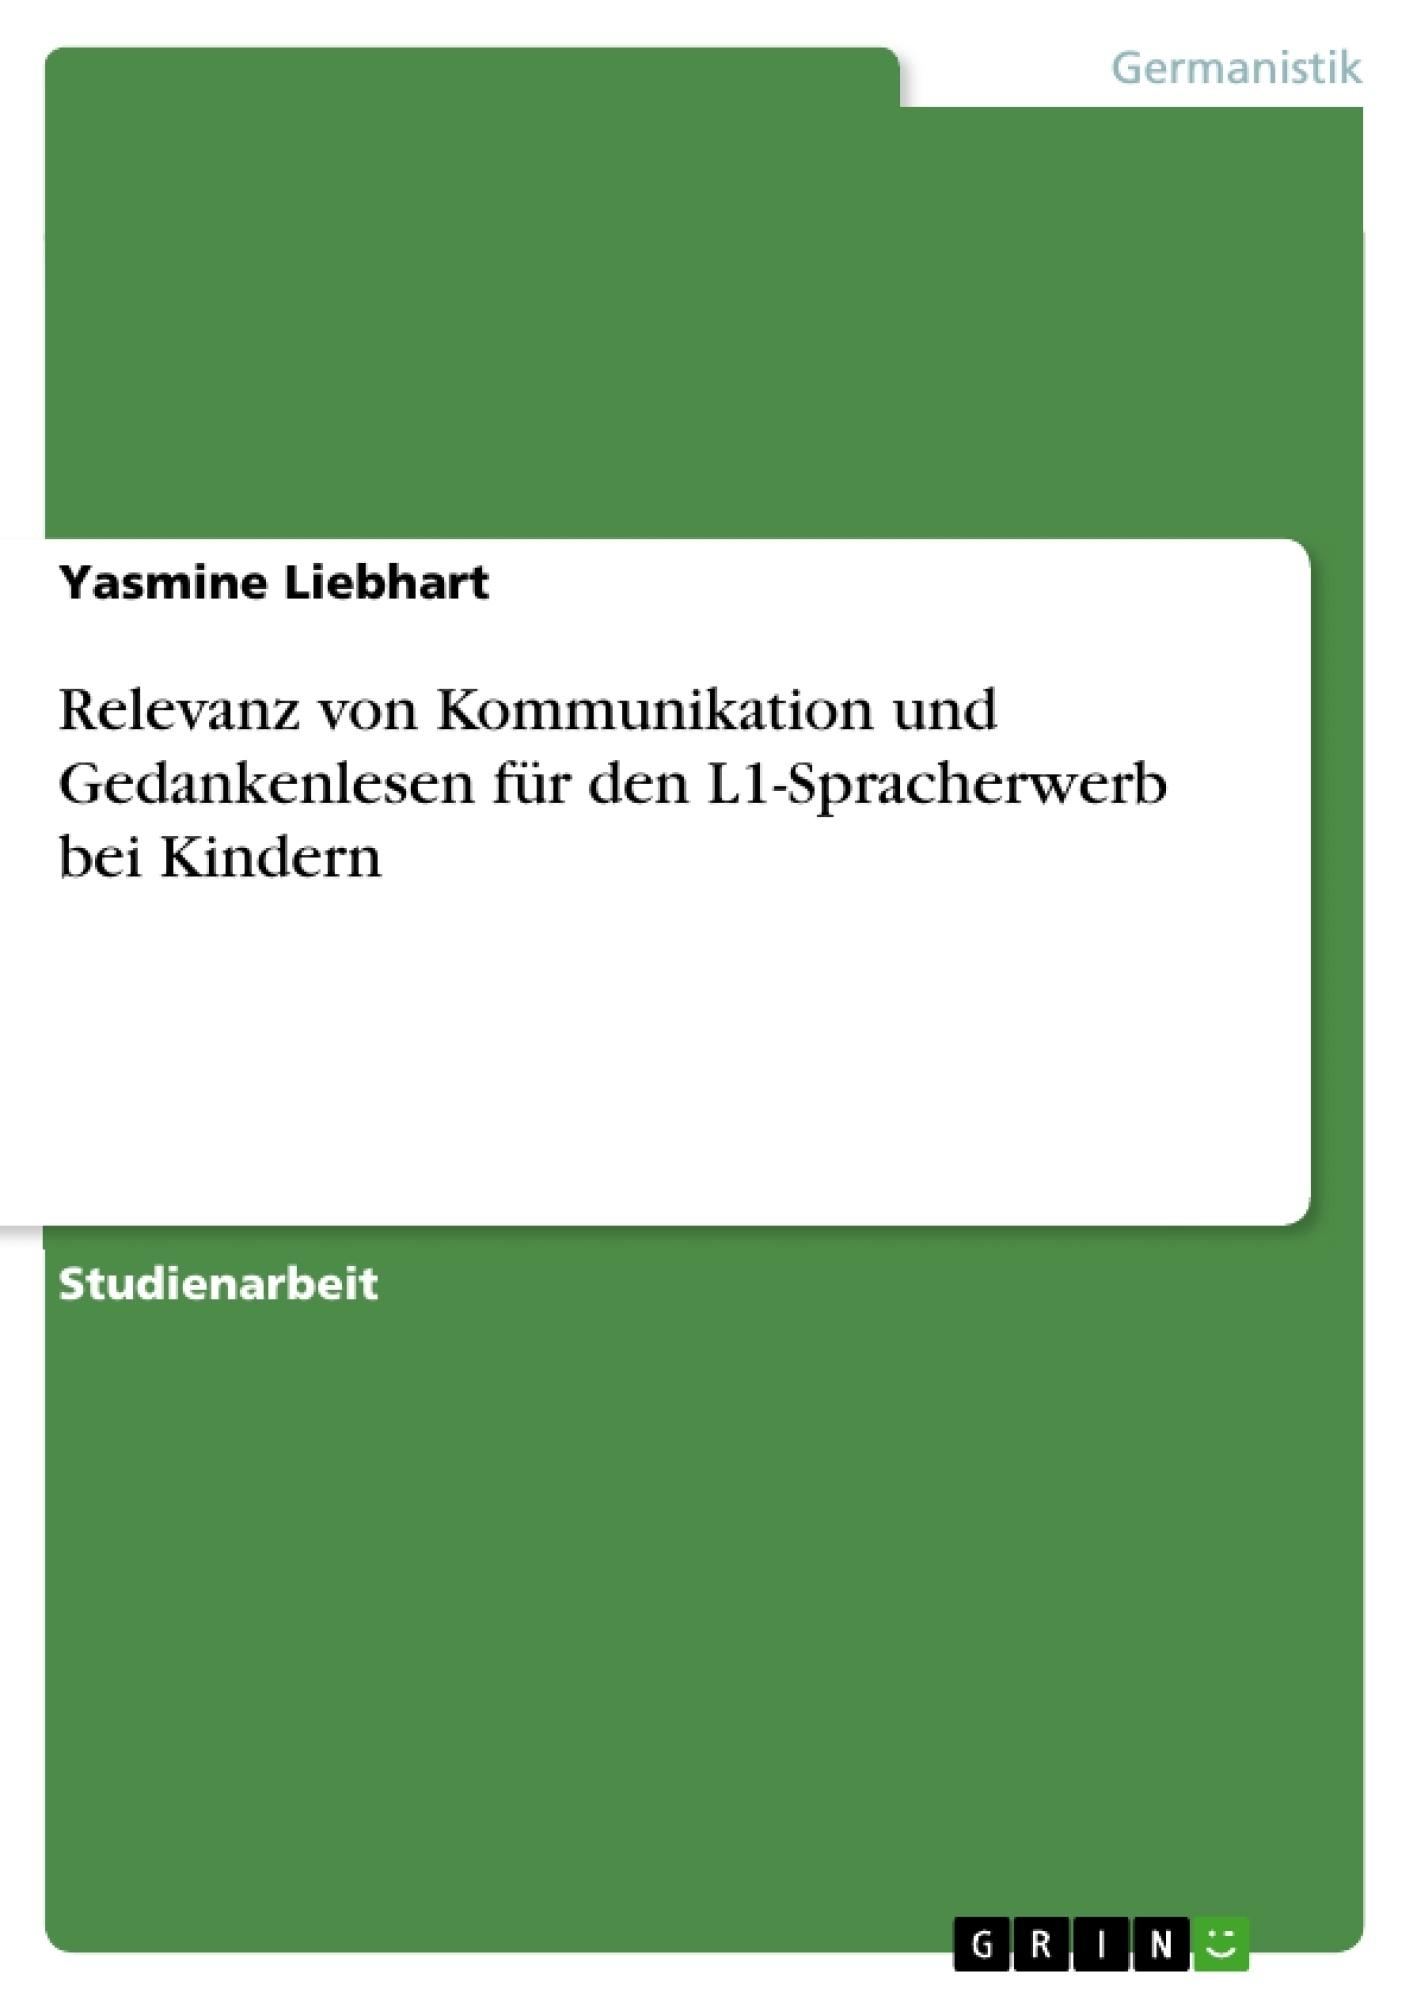 Titel: Relevanz von Kommunikation und Gedankenlesen für den L1-Spracherwerb bei Kindern